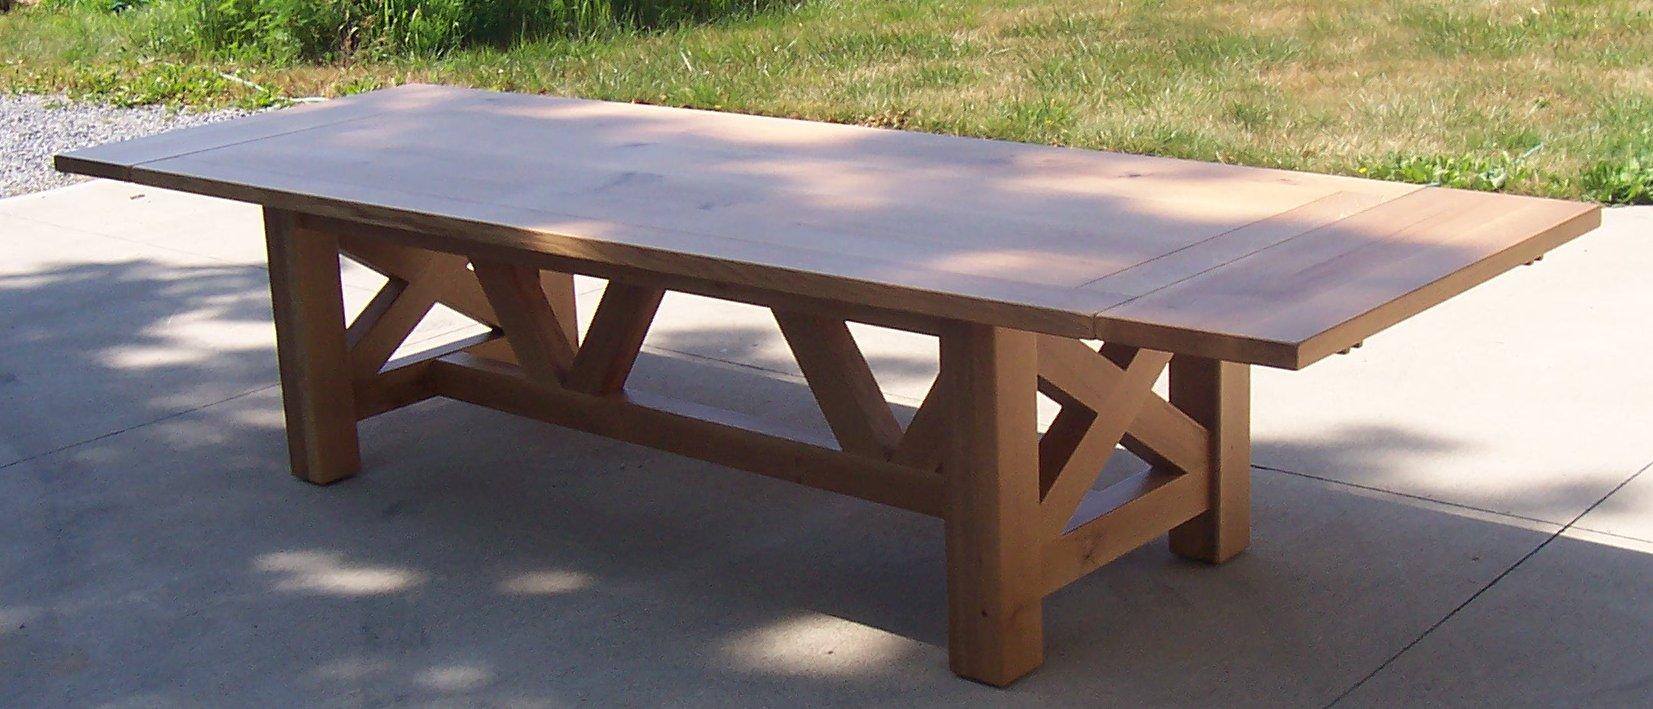 white-oak-harvest-table.jpg